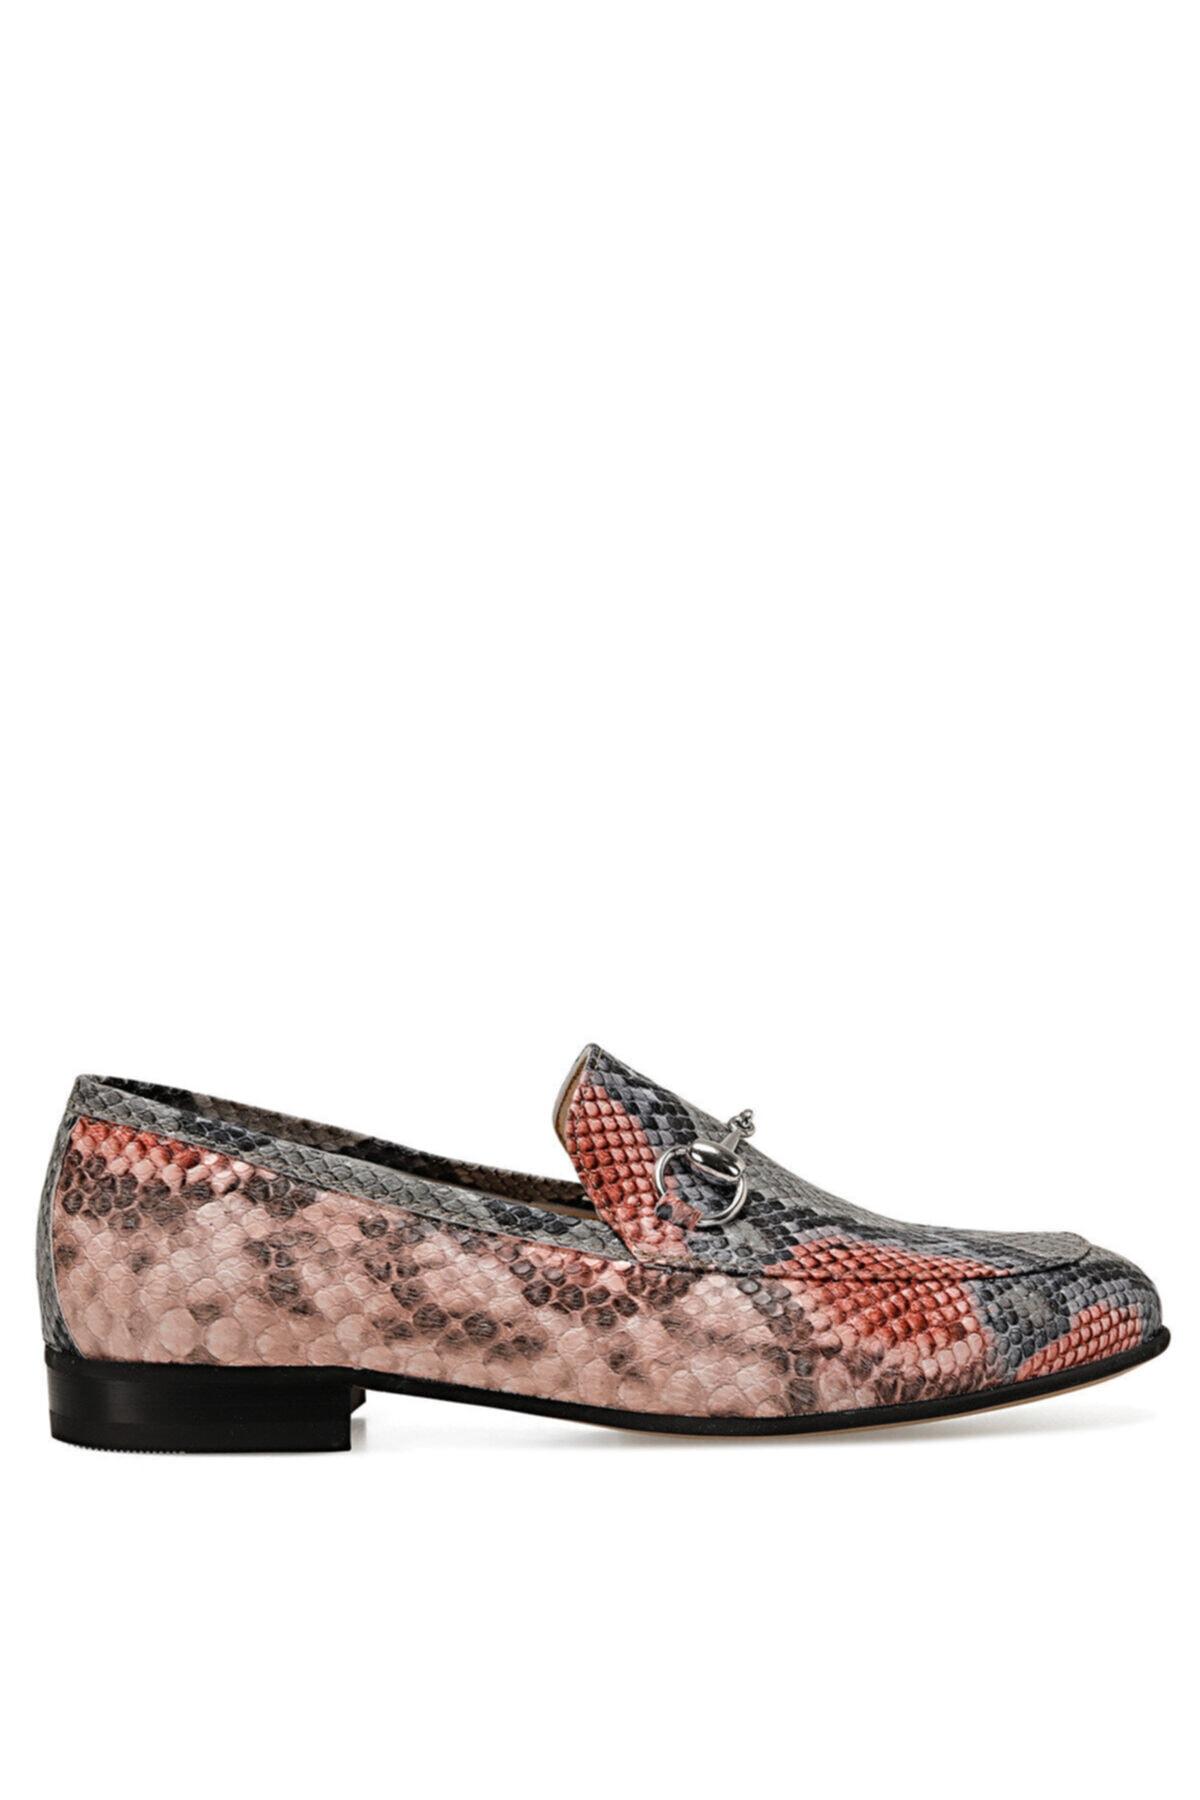 Nine West FILANA Pembe Kadın Loafer Ayakkabı 100526815 1